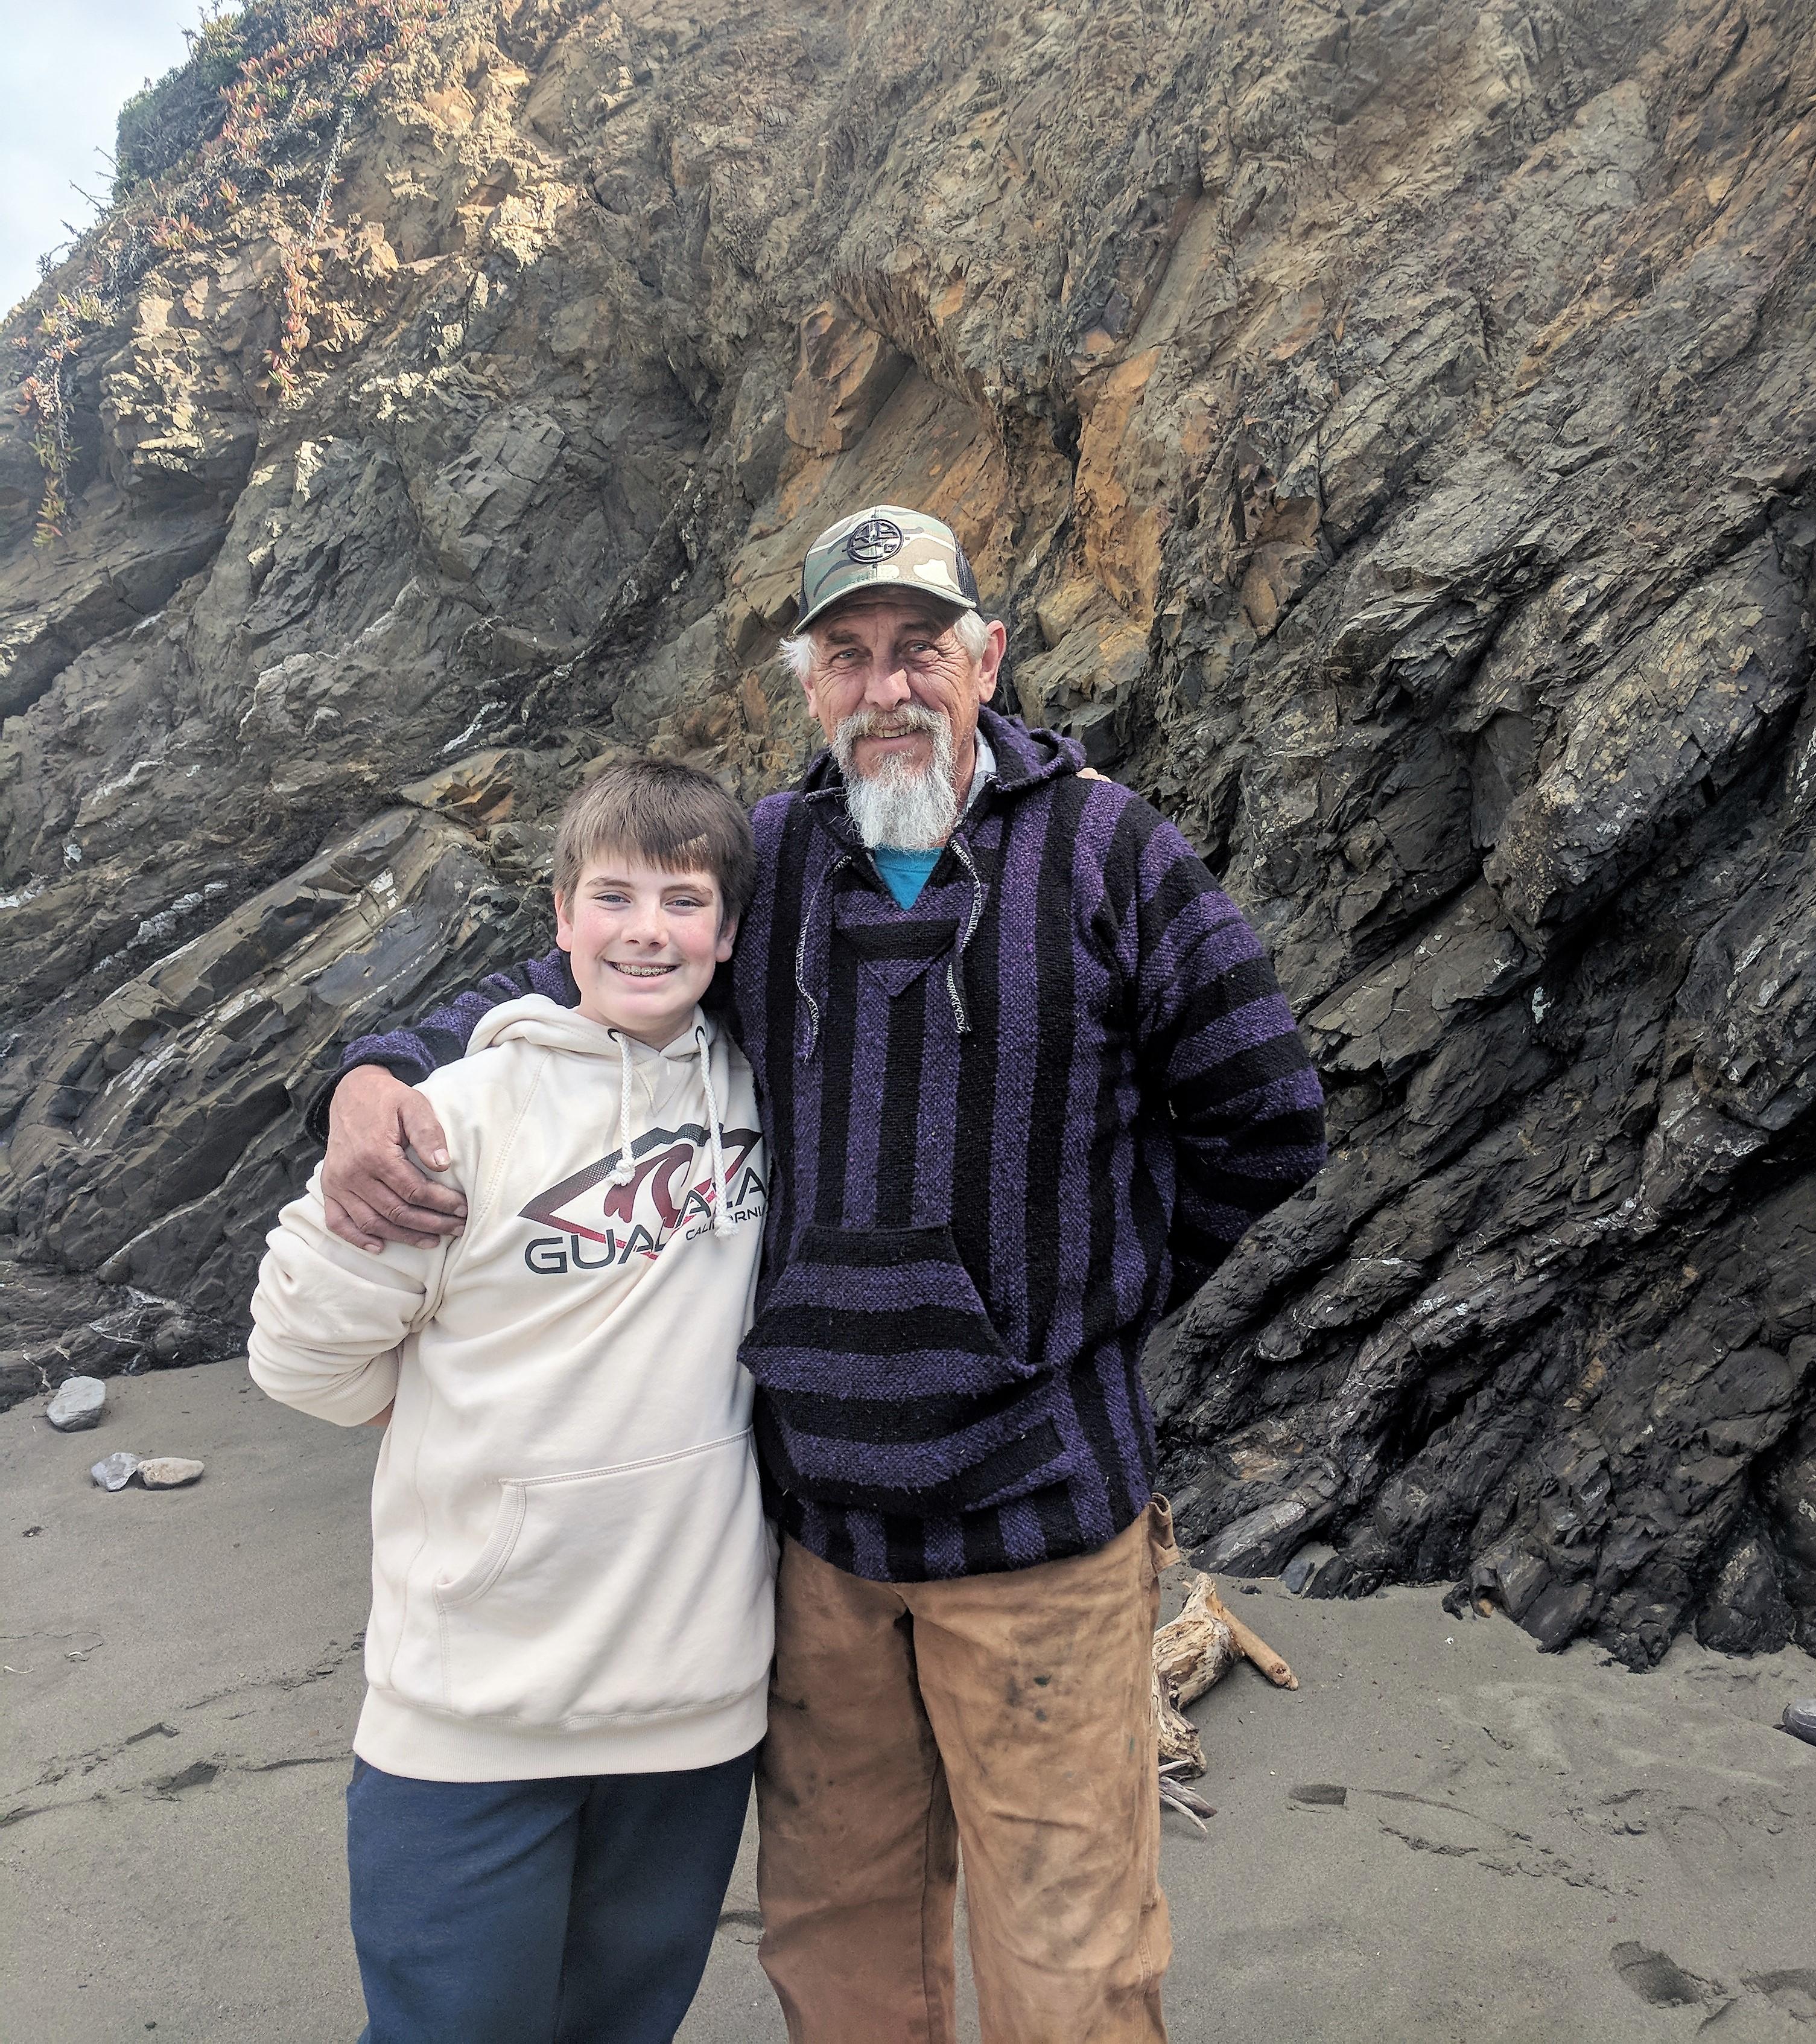 Dad and Chris at Sea Ranch, California